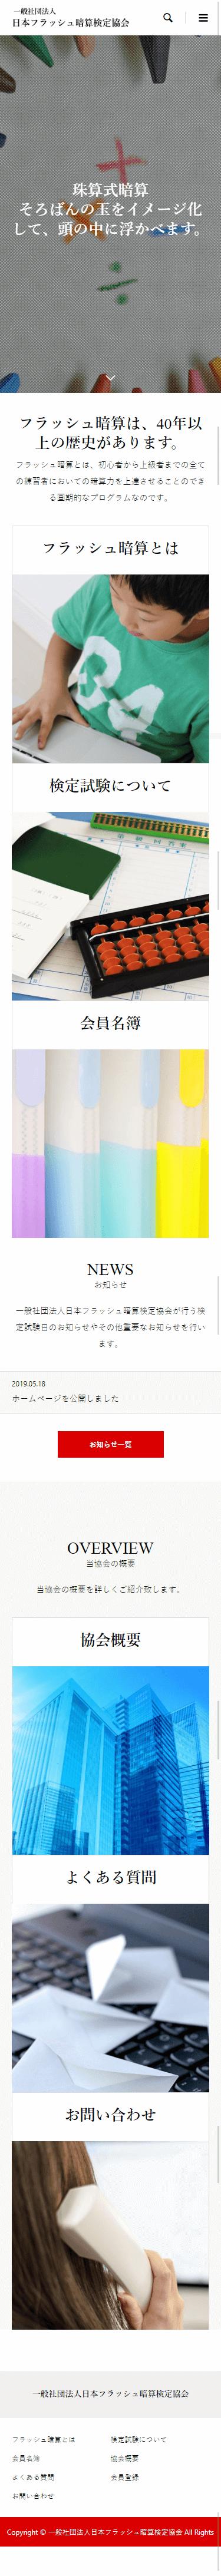 姫路市 一般社団法人 日本フラッシュ暗算検定協会 ホームページ制作3